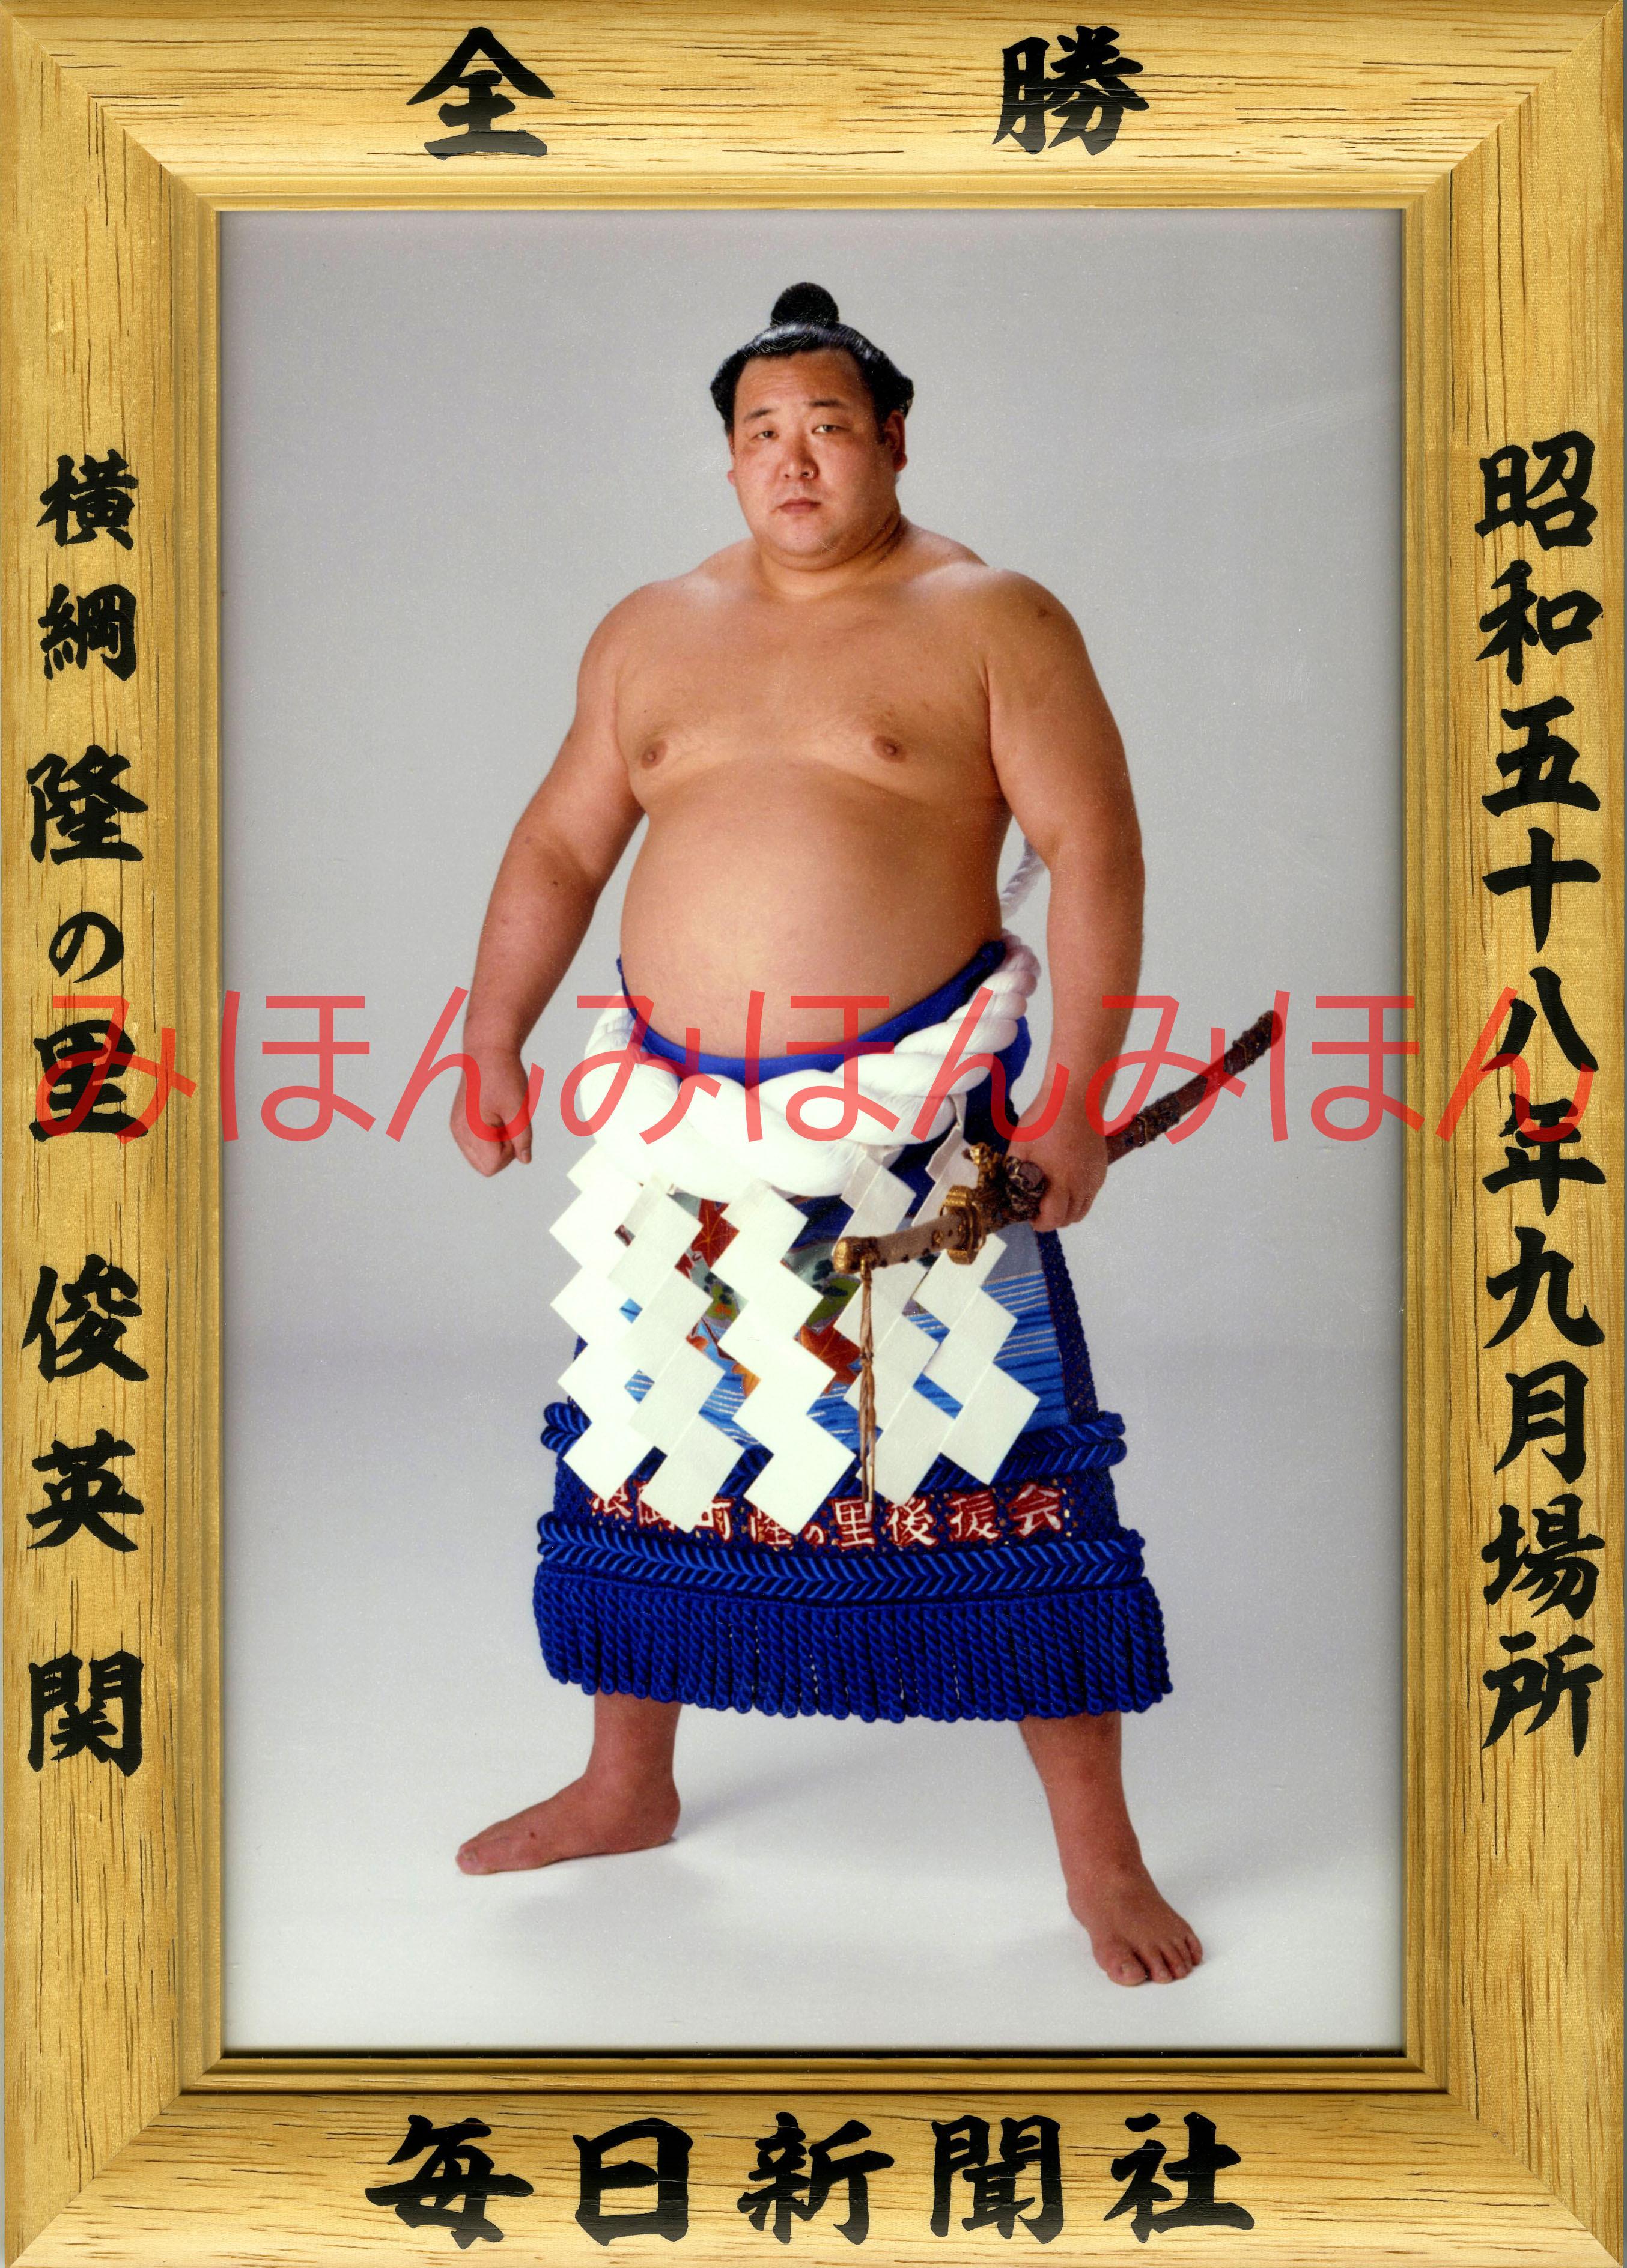 昭和58年9月場所全勝 横綱 隆の里俊英関(3回目の優勝)